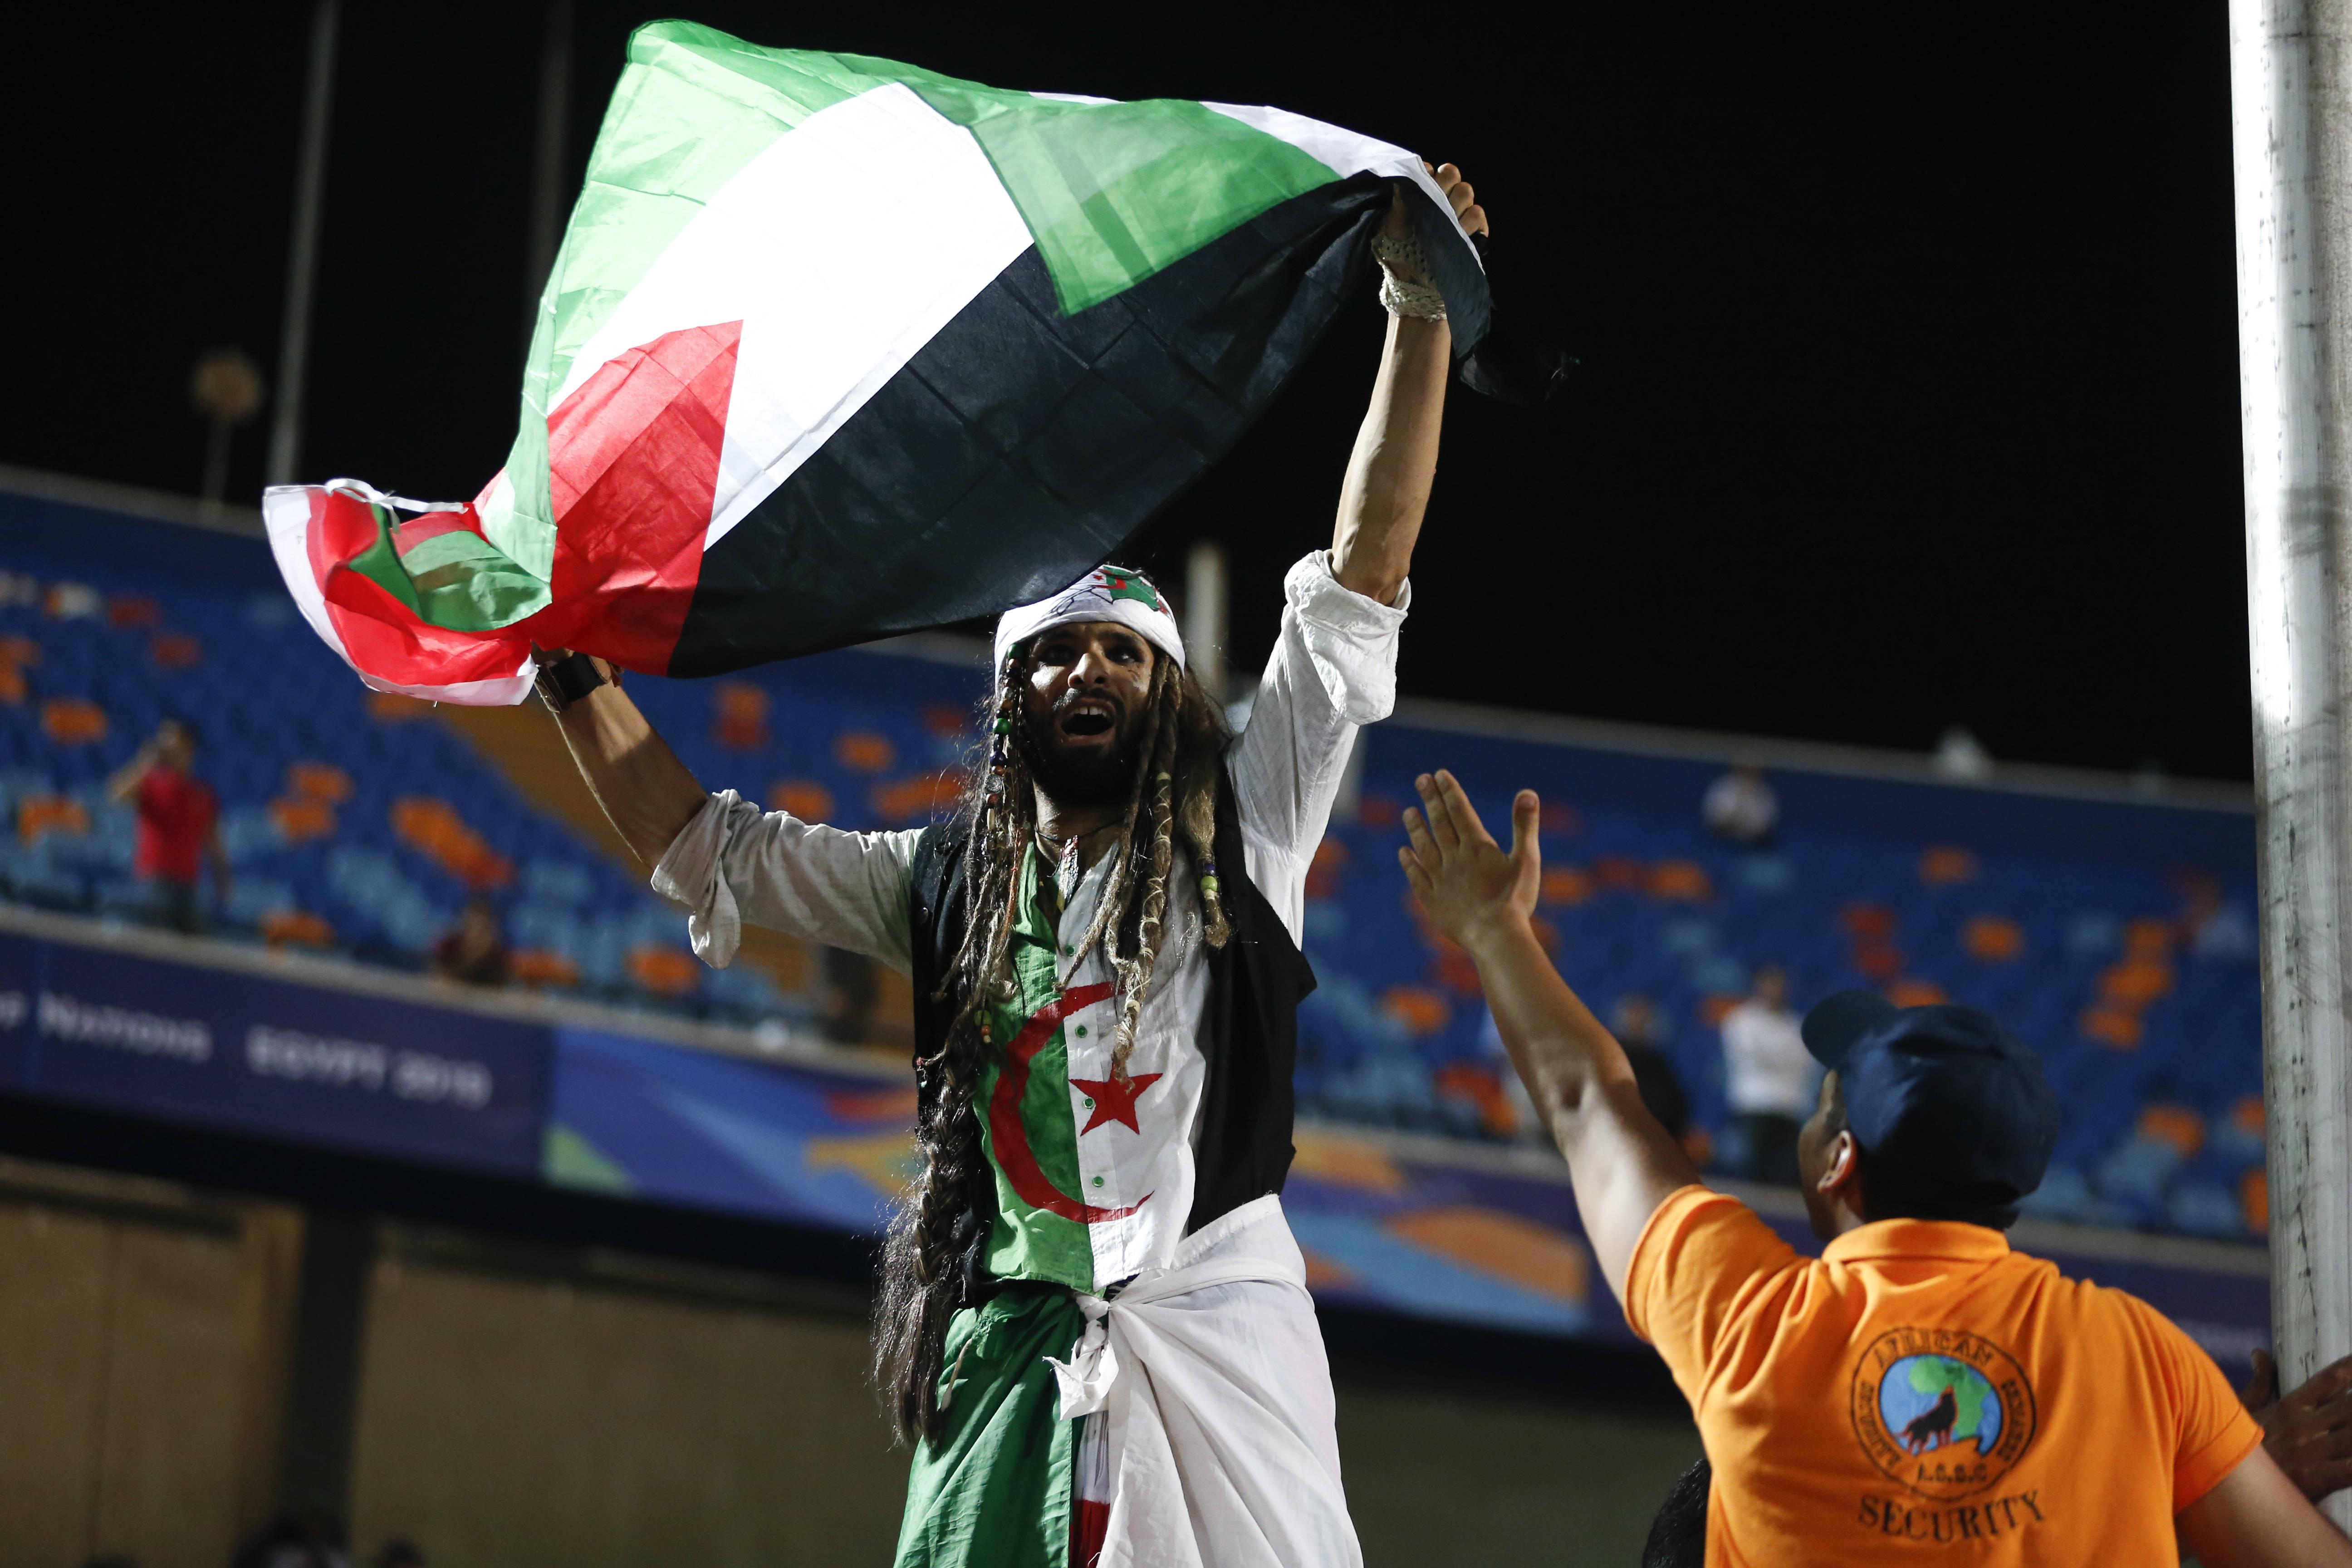 Un agent de sécurité égyptien avec un supporteur algérien au Caire, lors de la demi-finale de la CAN opposant l'Algérie au Nigeria, dimanche 14 juillet 2019 (image d'illustration).